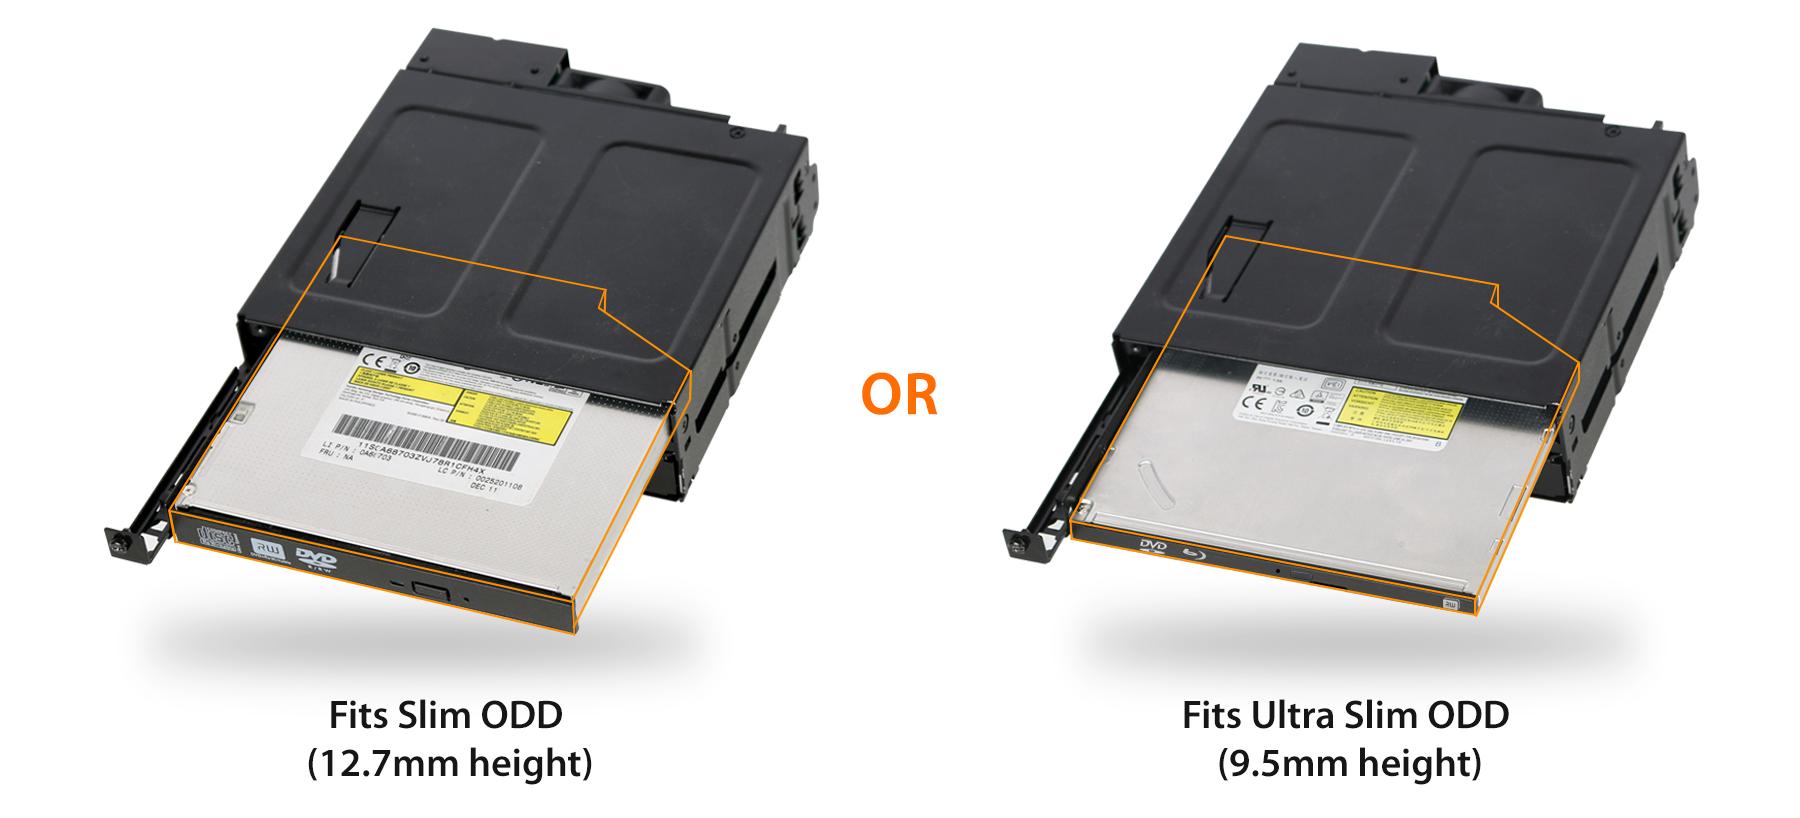 Photo comparaison avec plusieurs ODD ULtra Slim et Slim pour montrer qu'on peut mettre les deux hauteurs dans le MB602SPO-B